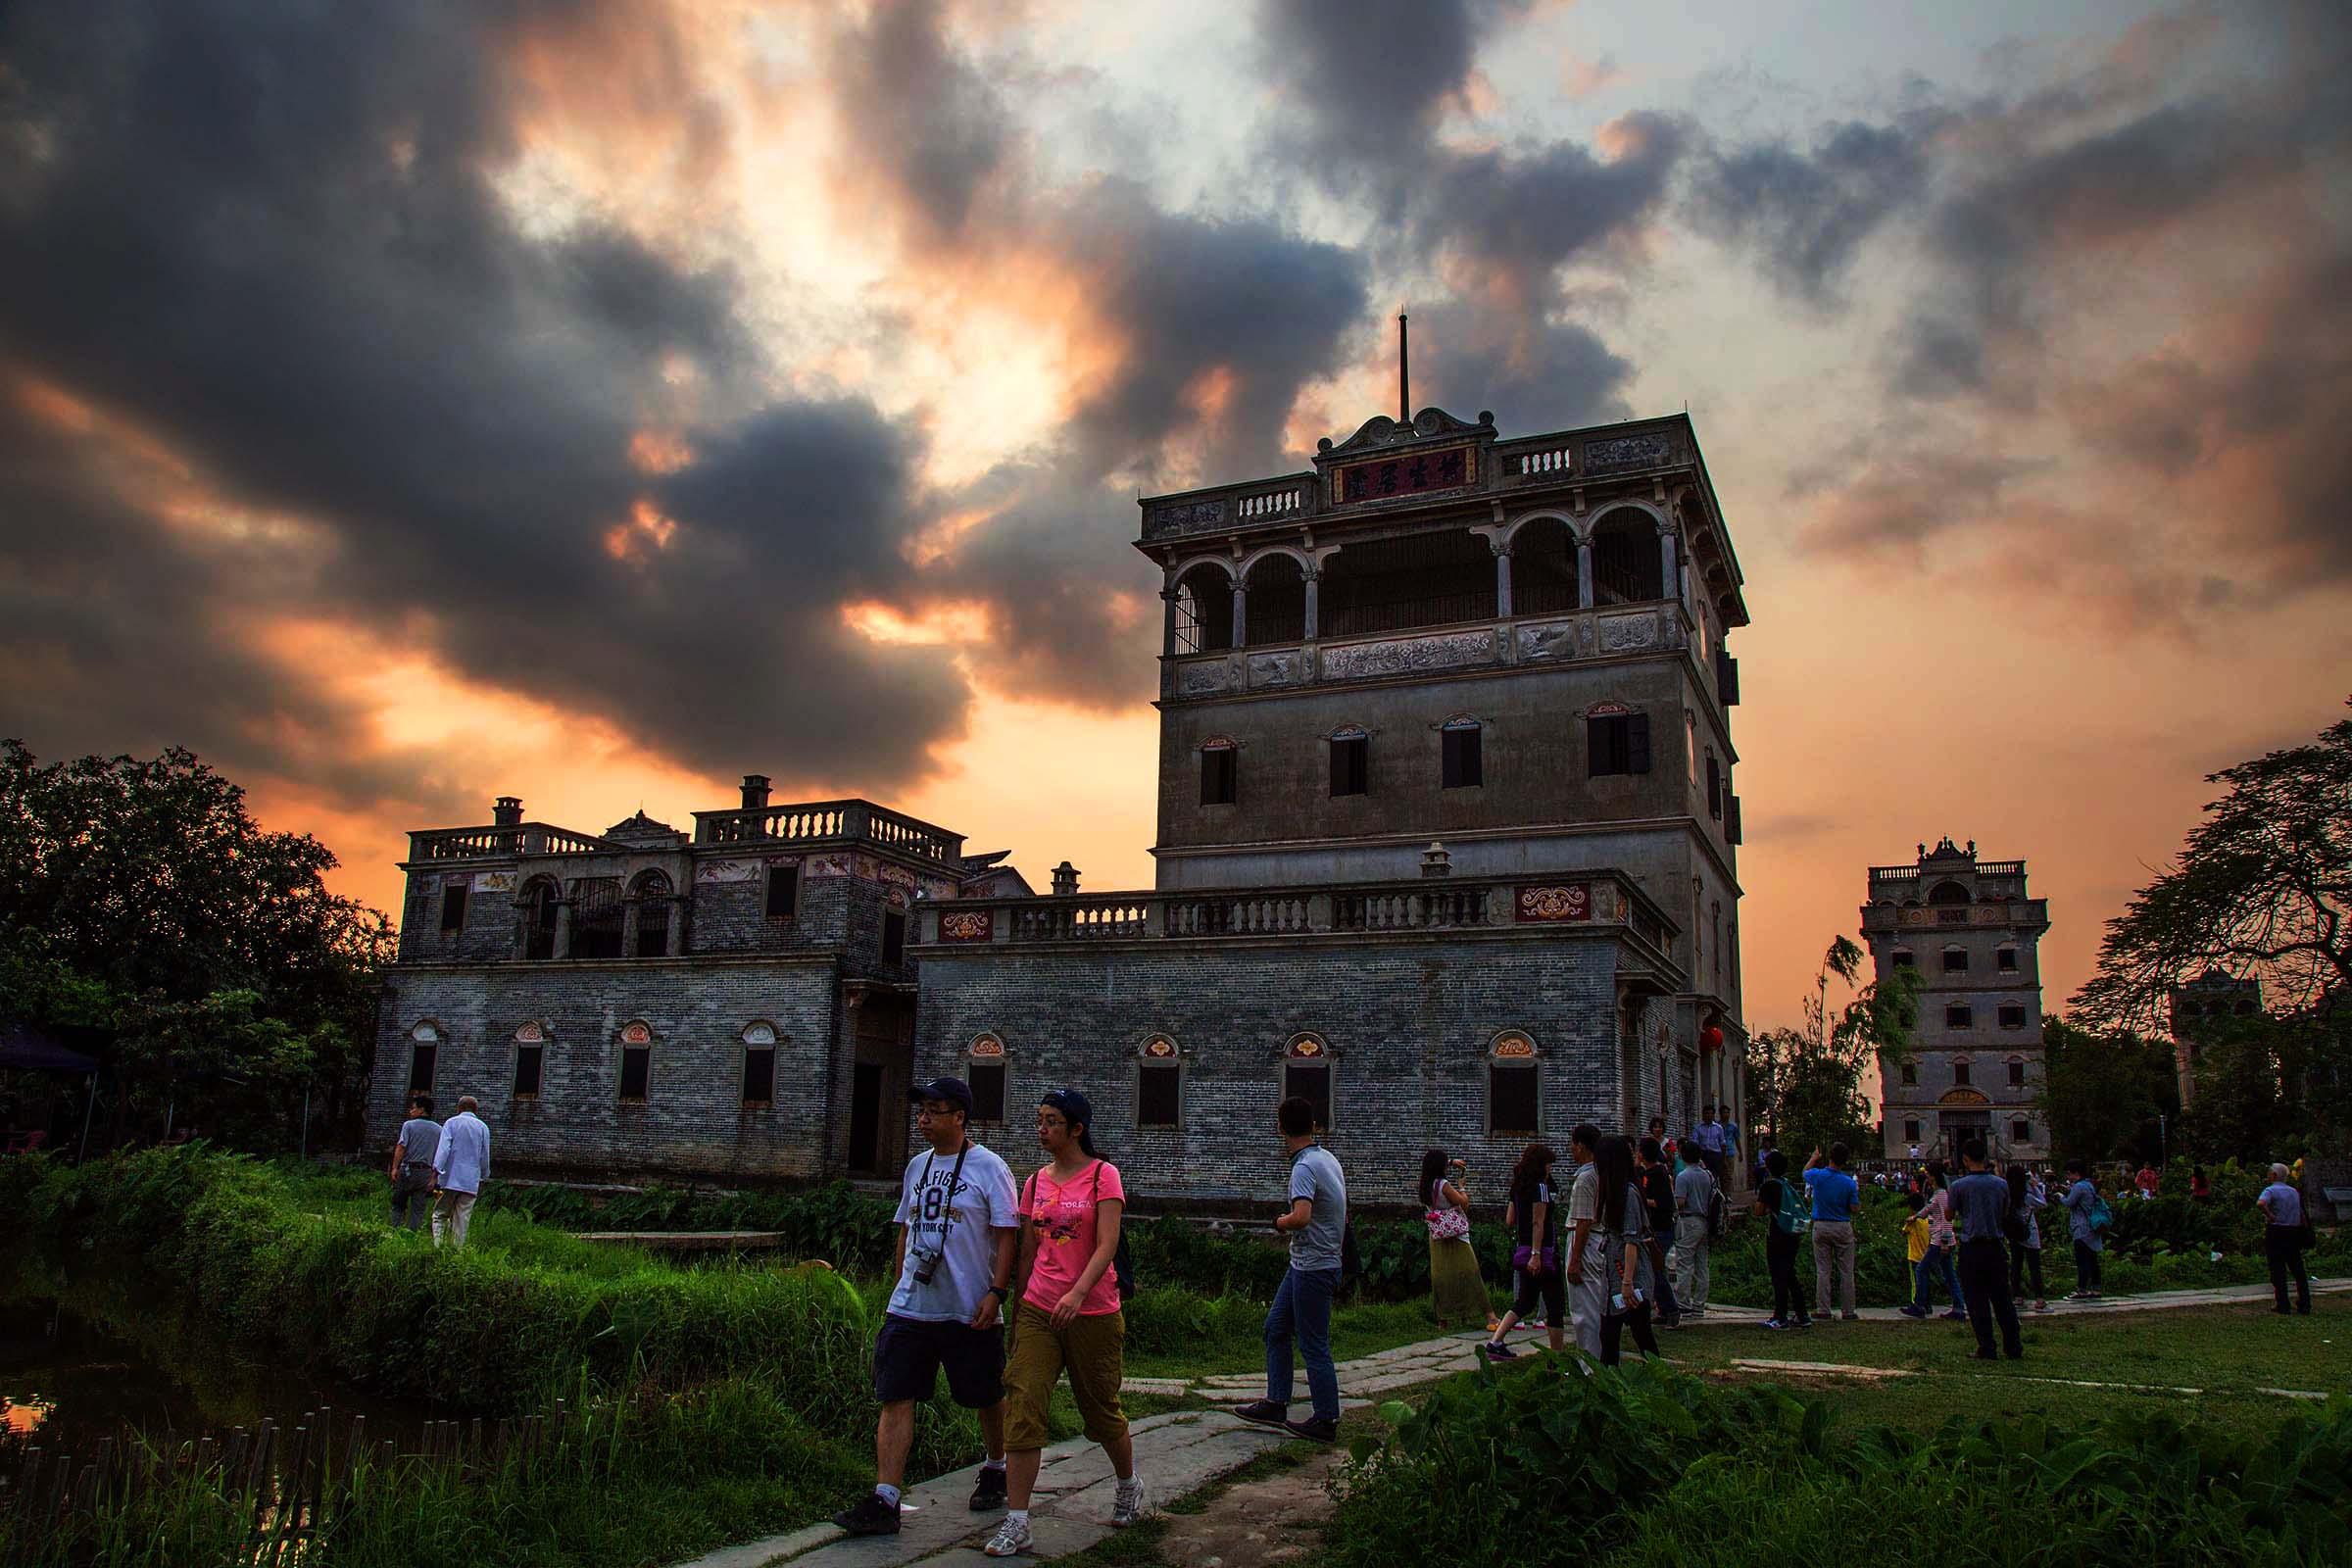 #深圳出发#金水台水世界狂欢温泉-赤坎古镇-开平碉楼群之旅